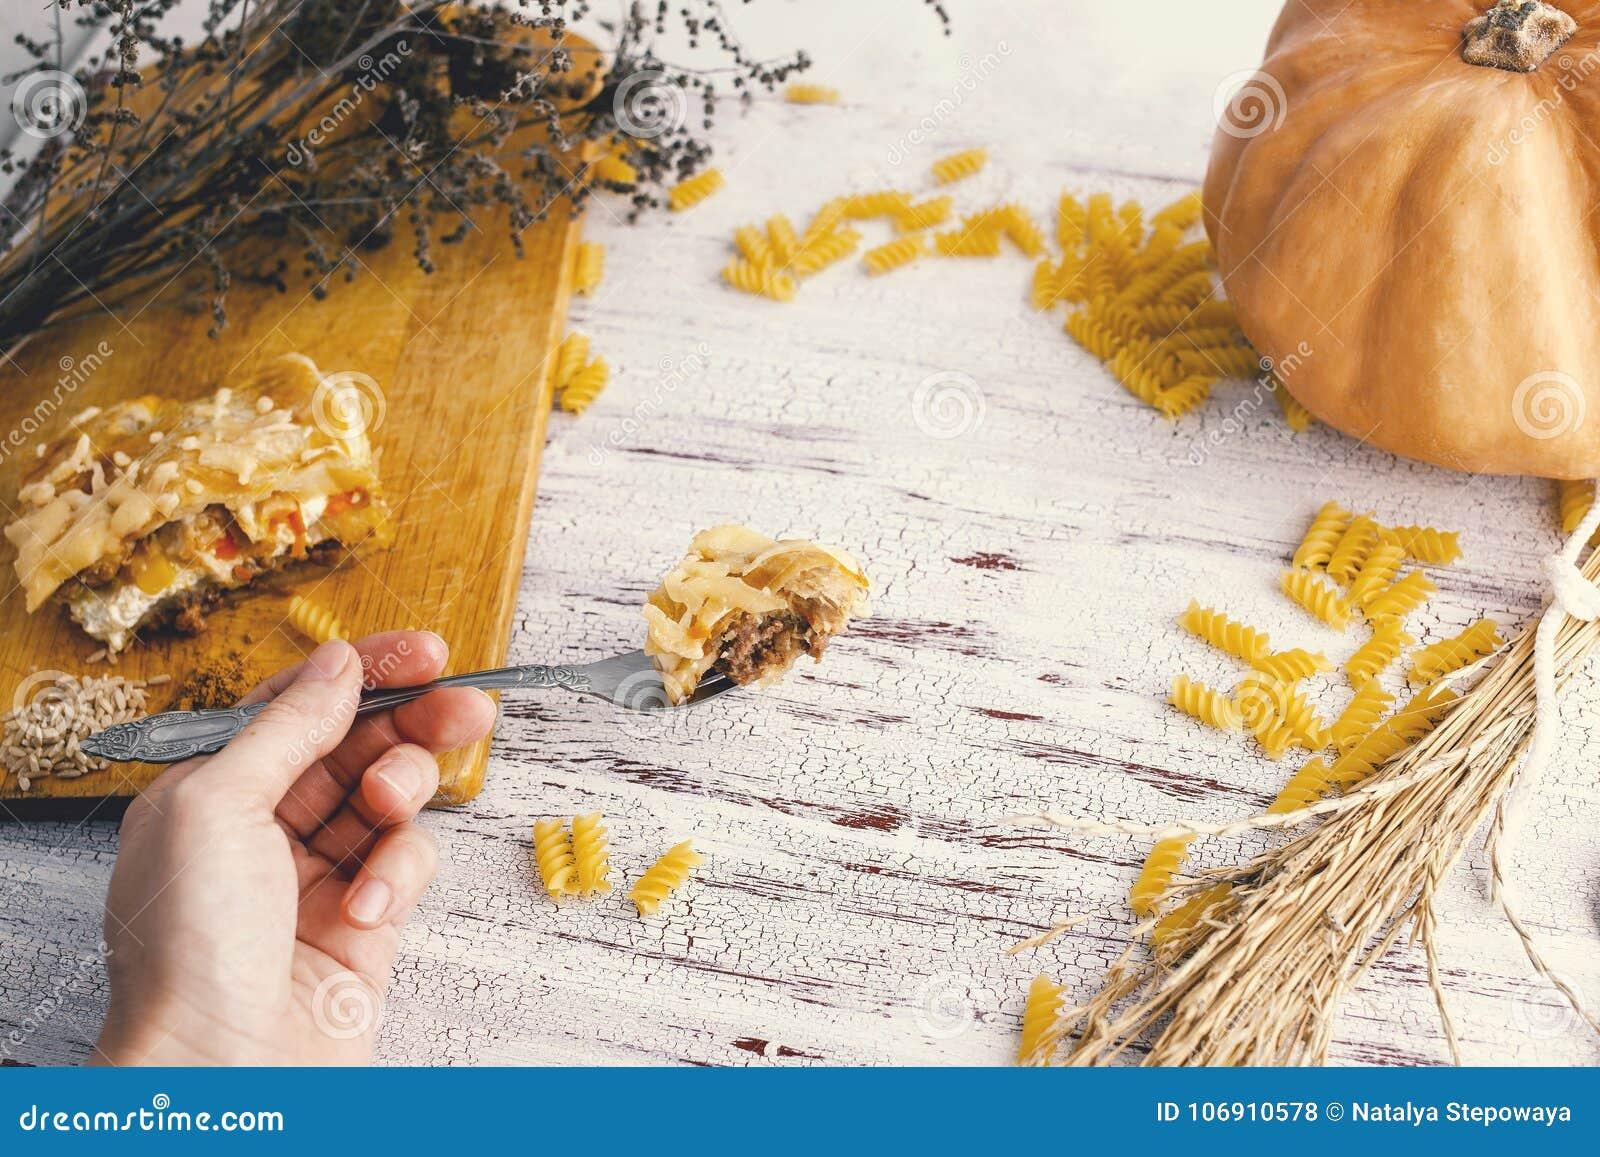 Żeńska ręka trzyma rozwidlenie z jedzeniem na białym tle stół